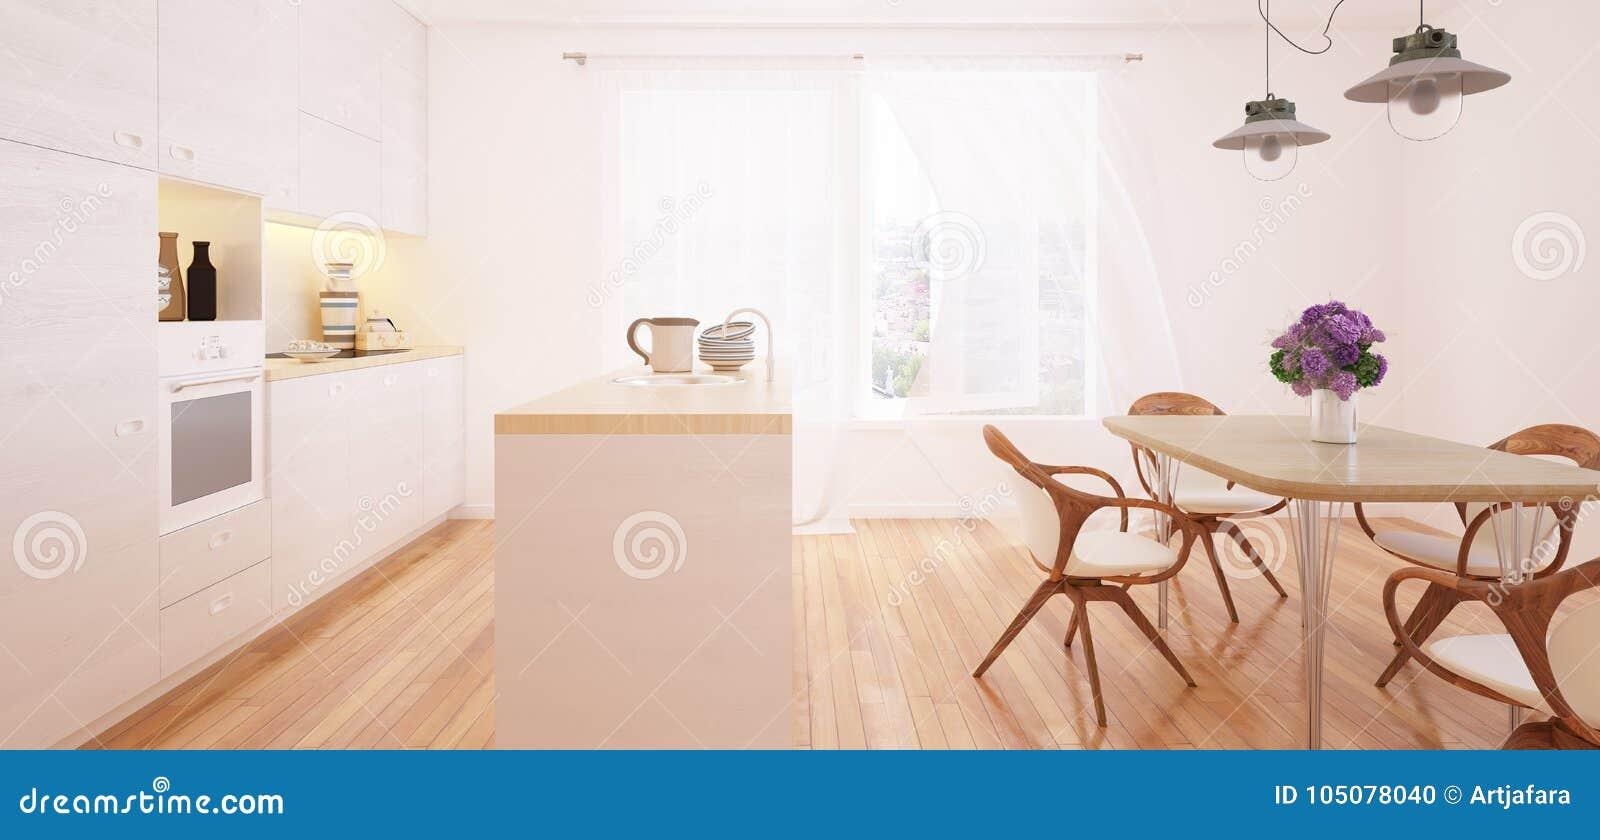 Innenraum der modernen Küche und des Esszimmers